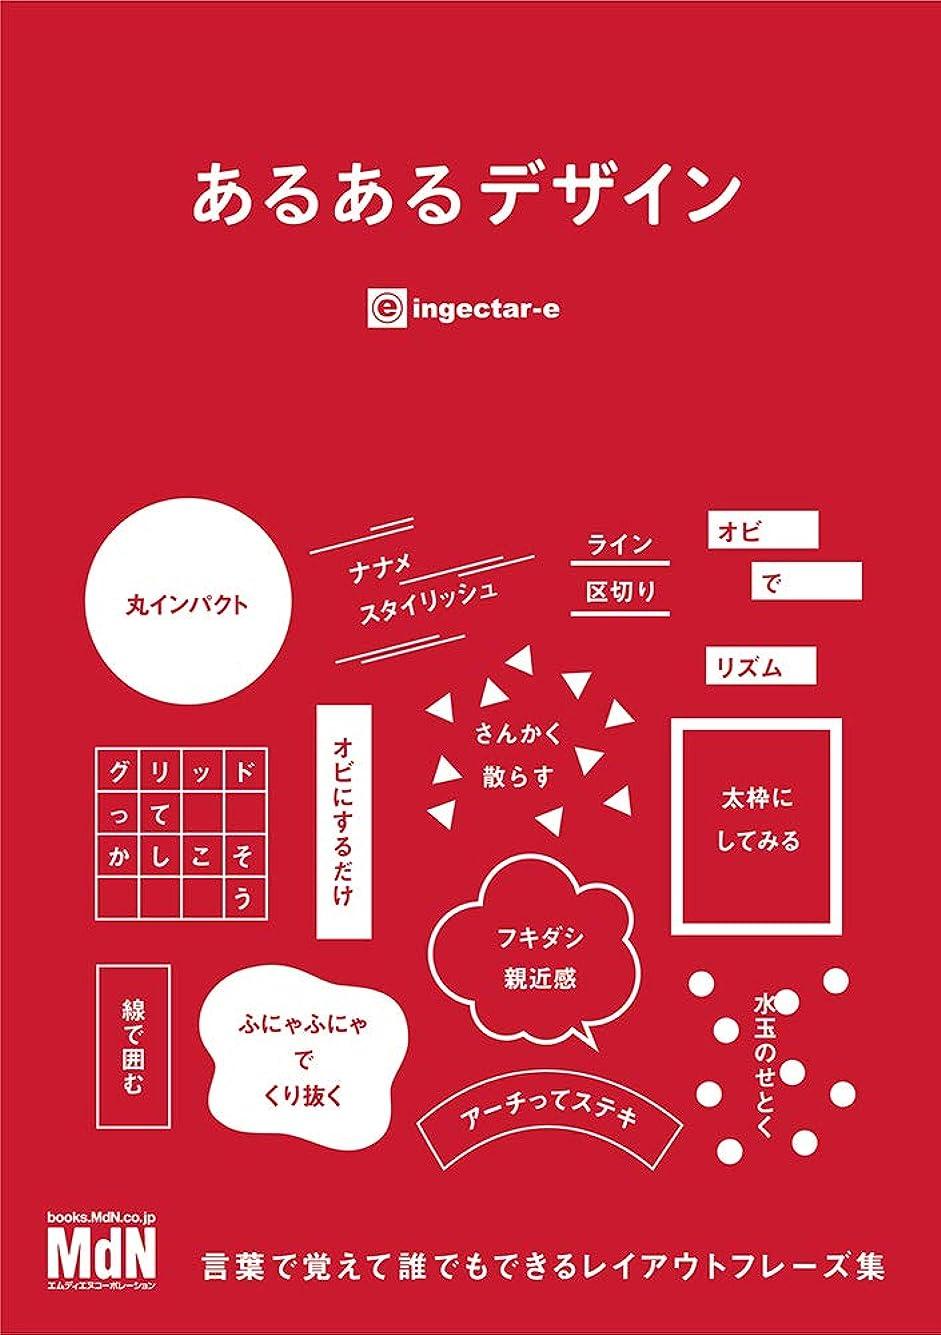 カポック科学的聞くなるほどデザイン〈目で見て楽しむ新しいデザインの本。〉